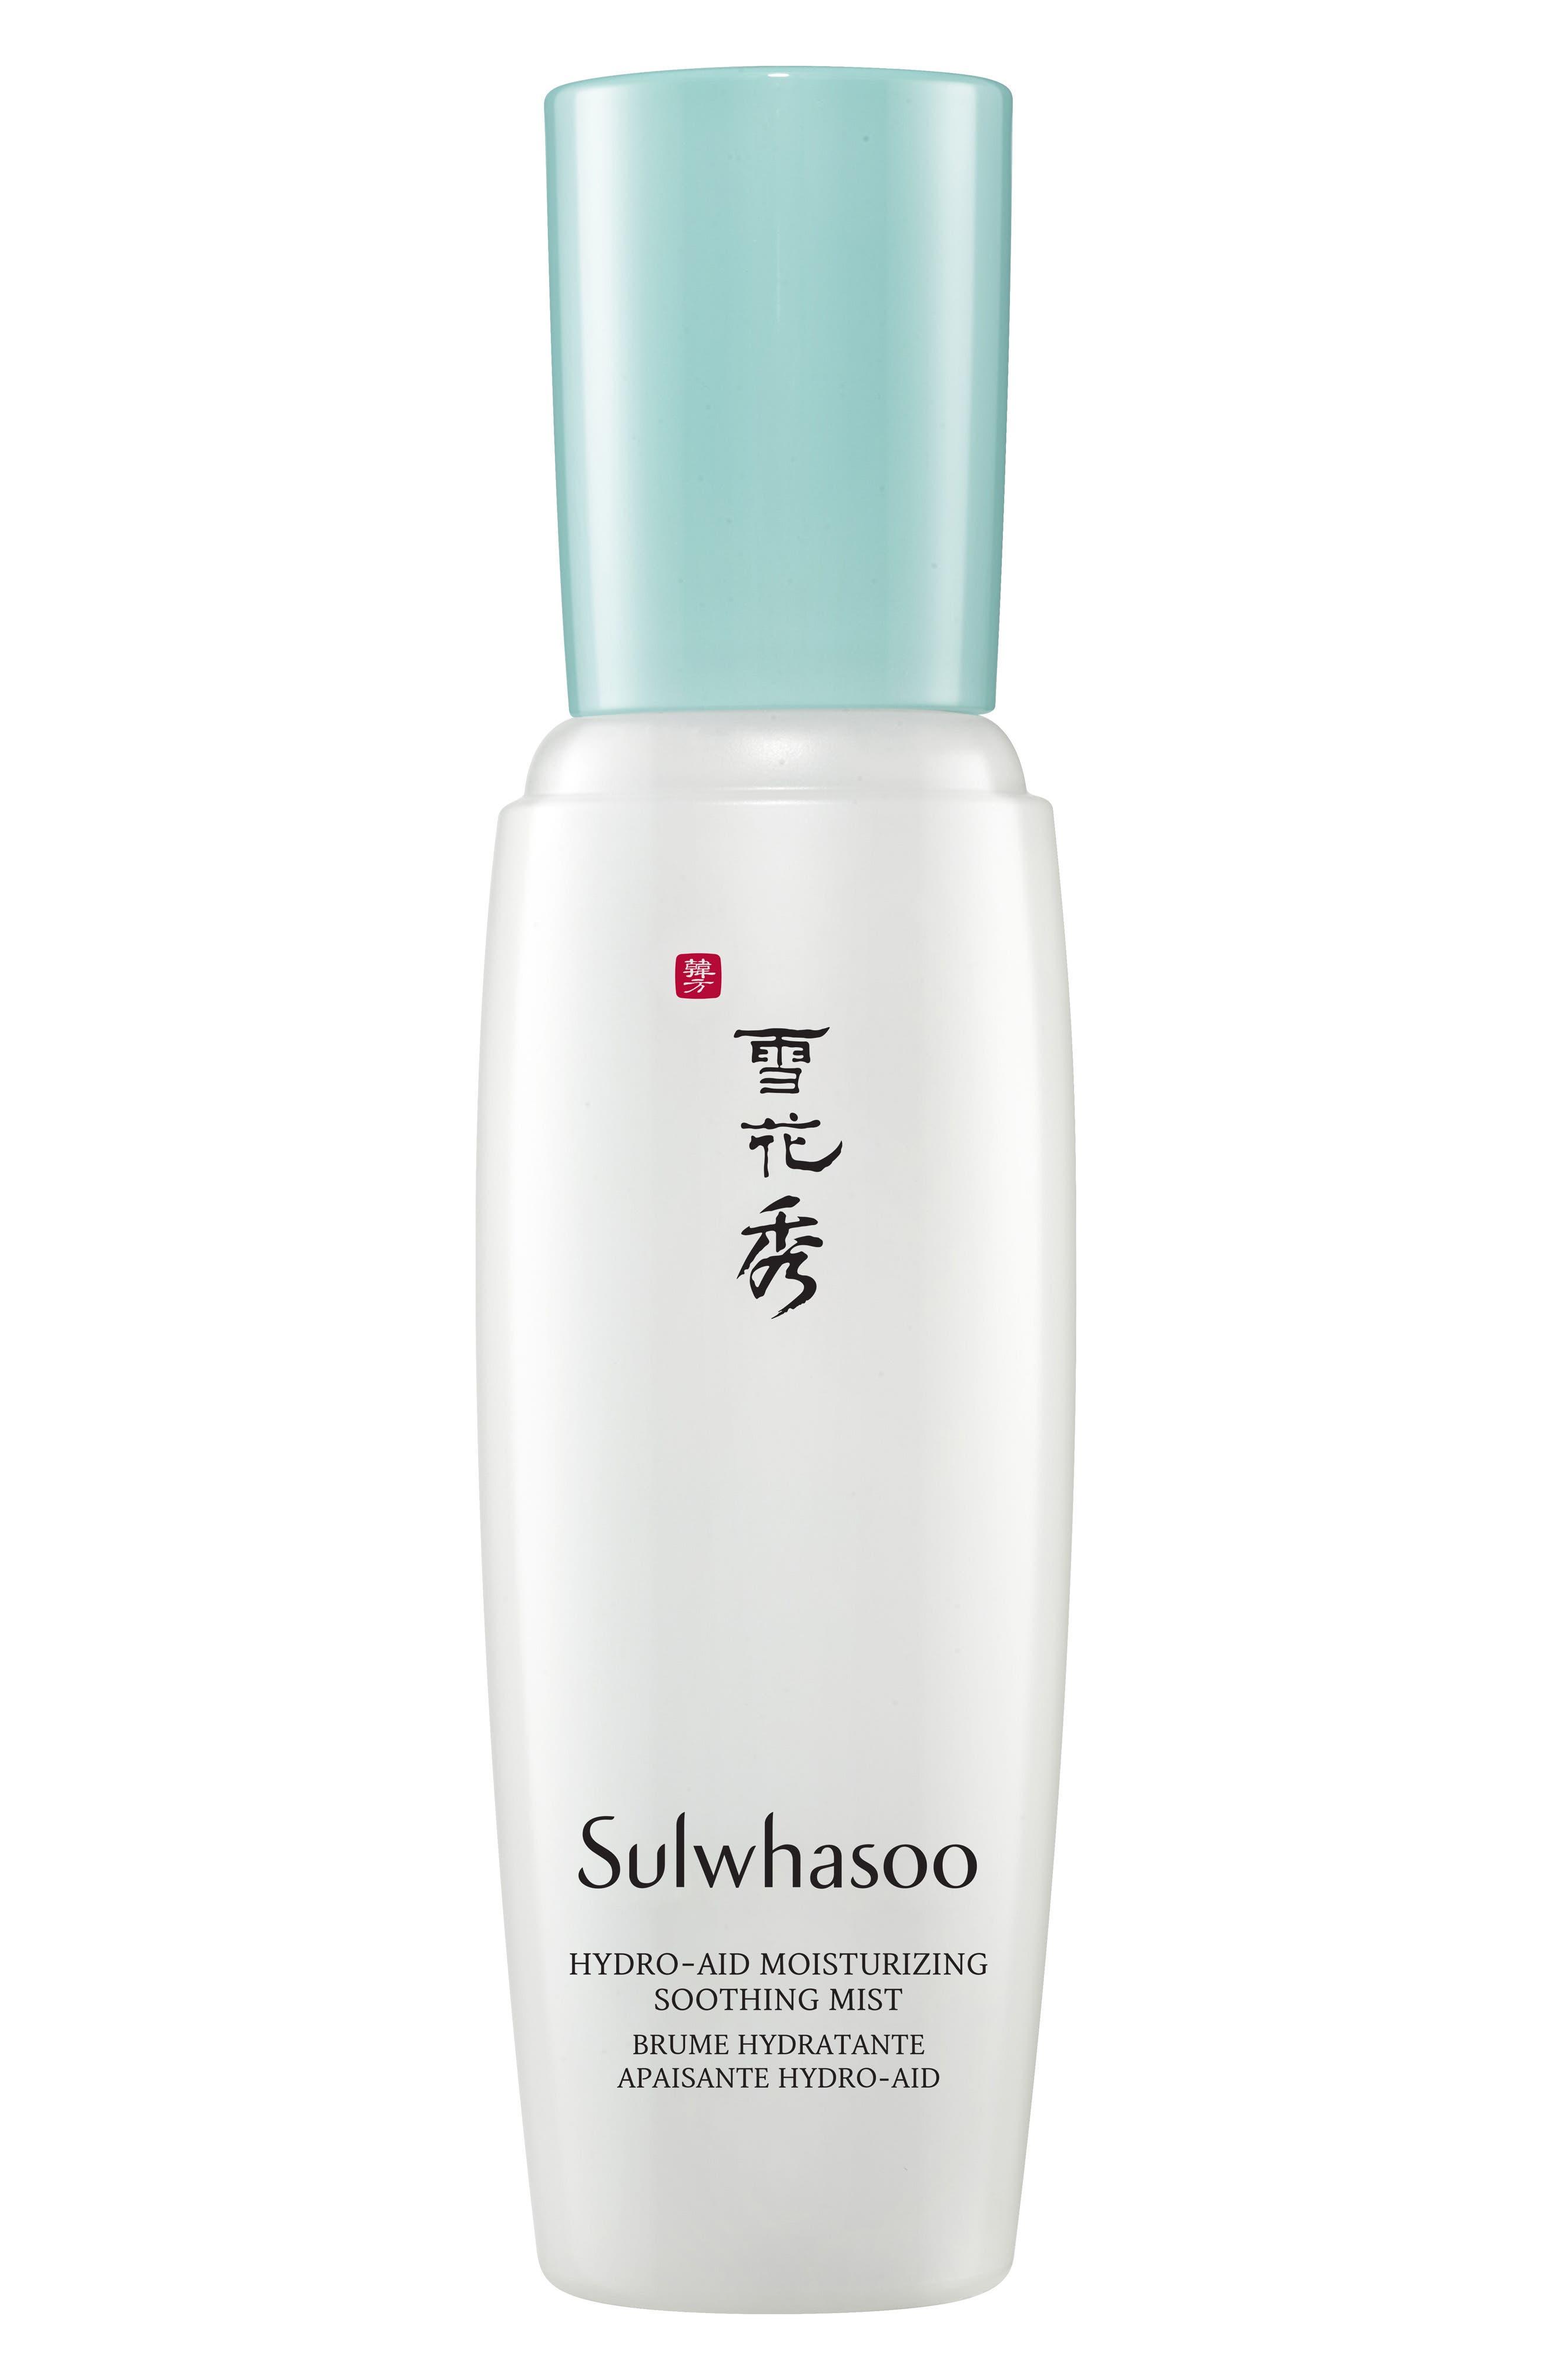 Sulwhasoo Hydro-Aid Moisturizing Soothing Mist